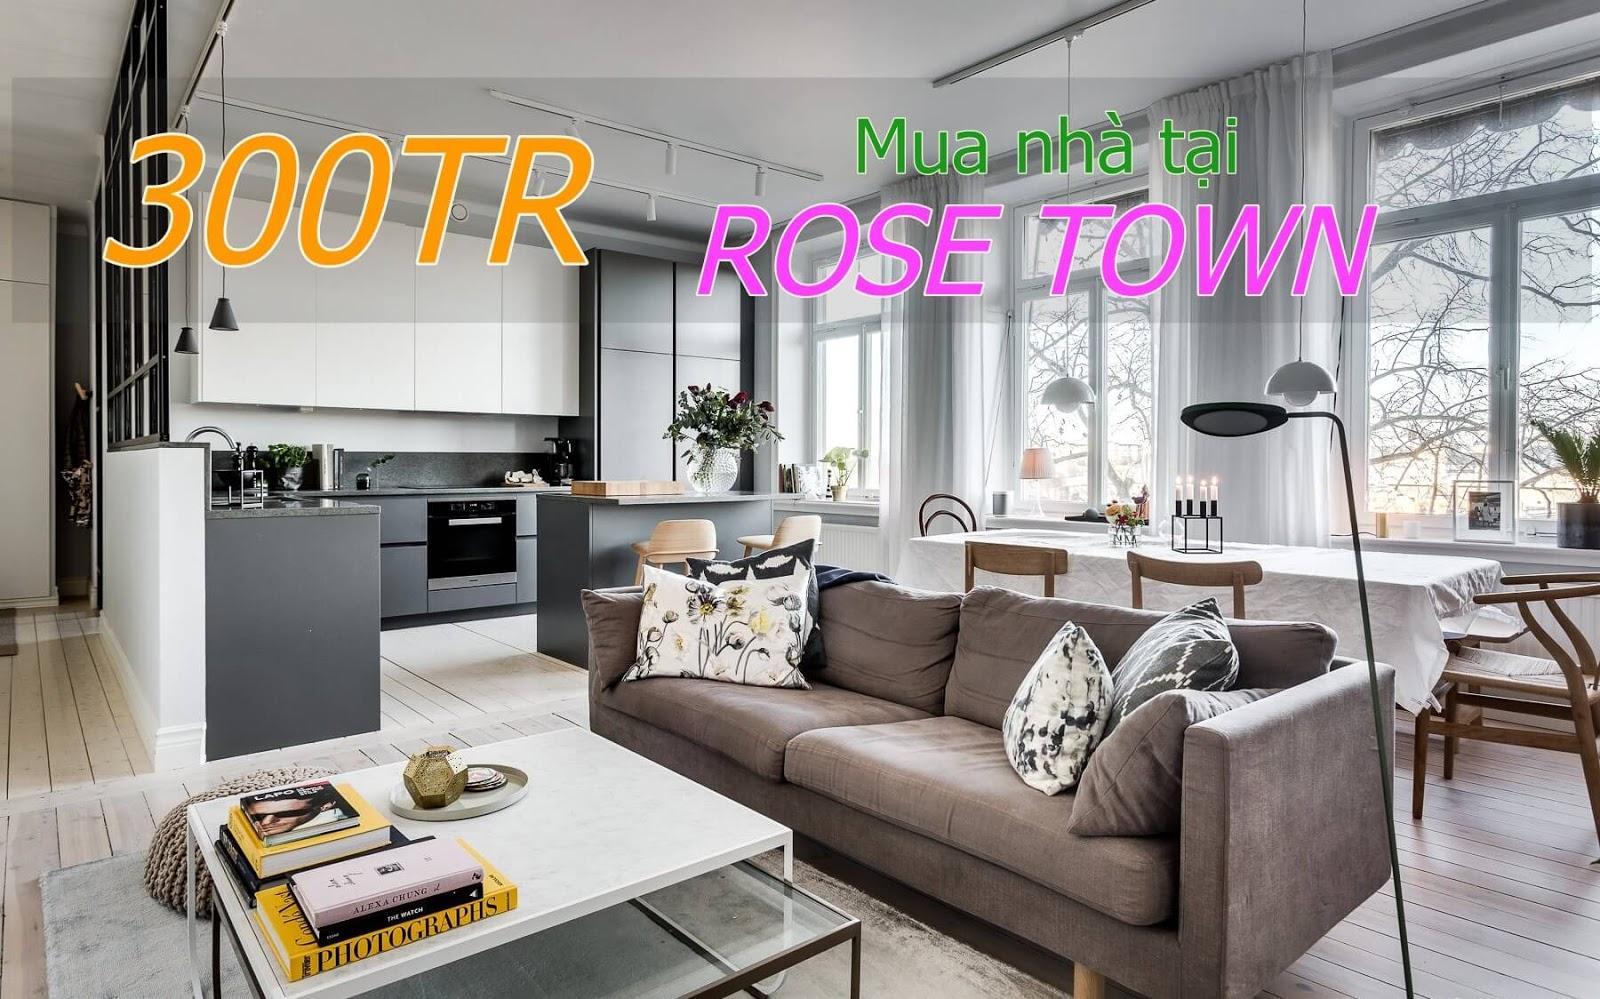 Mua nhà tại dự án Rose Town Ngọc Hồi với số vốn chỉ từ 300 triệu